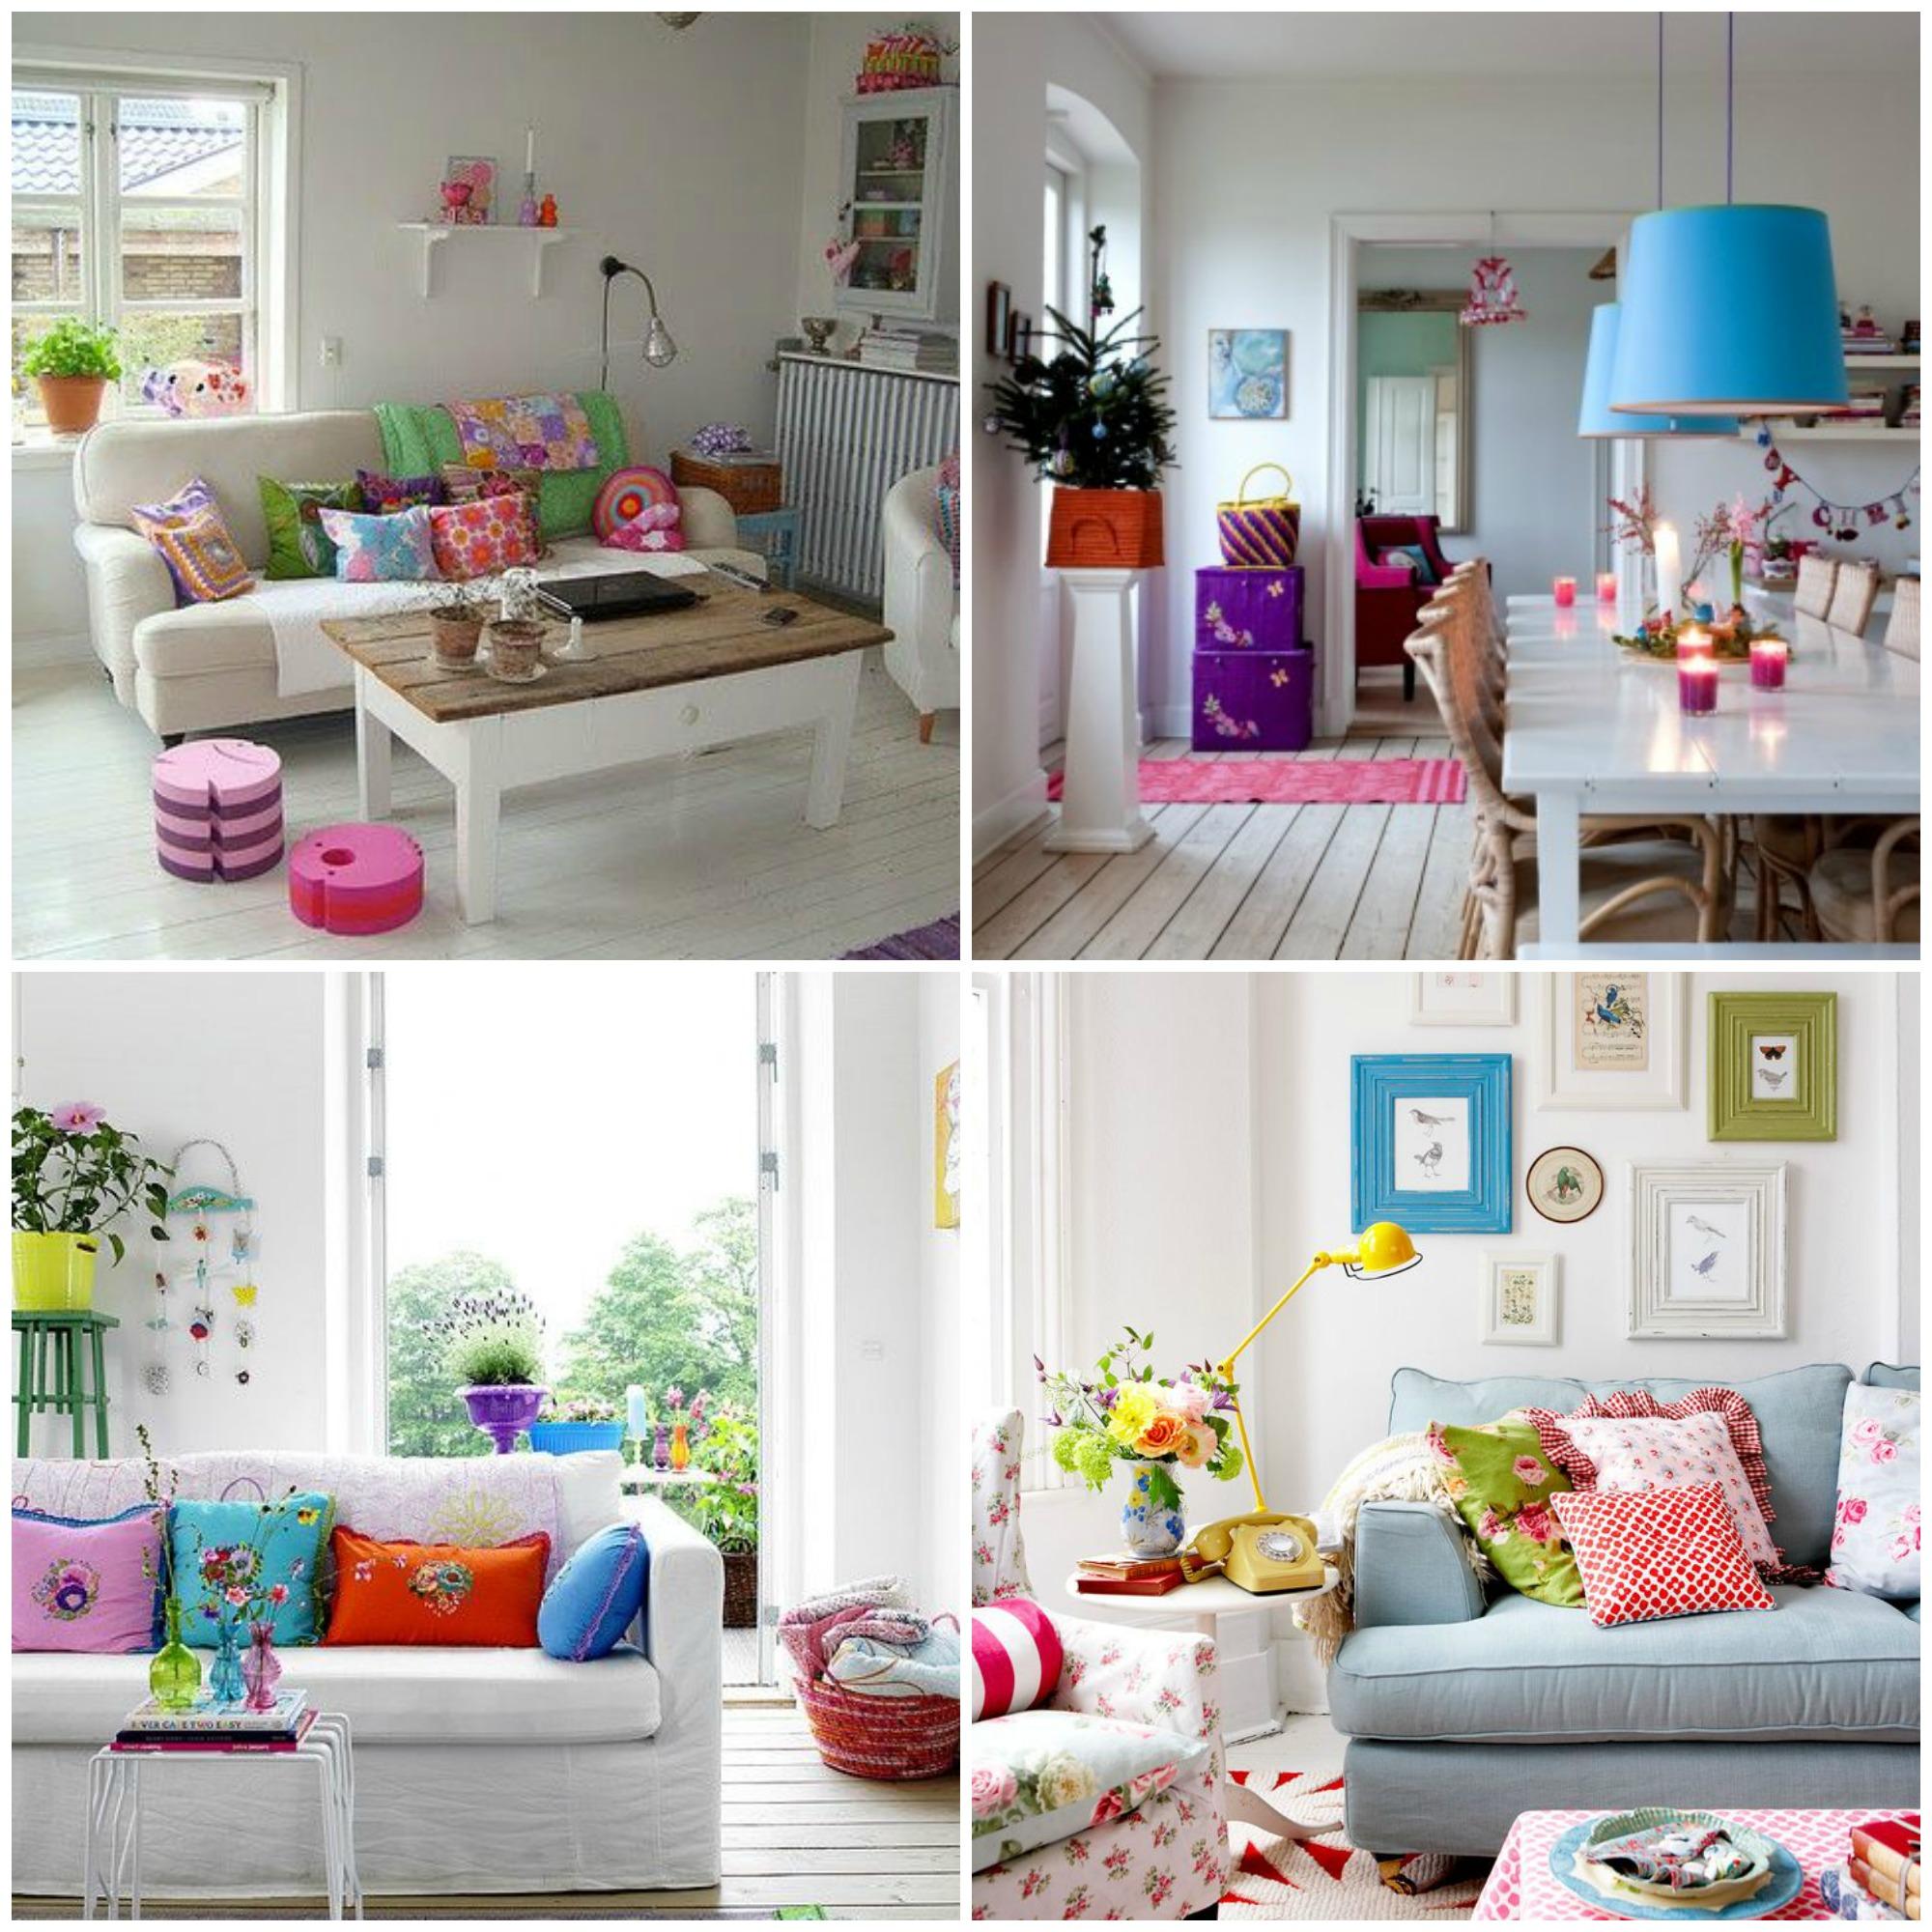 Idee per rinnovare gli interni mostracci di elena terenzi - Idee per dipingere casa ...